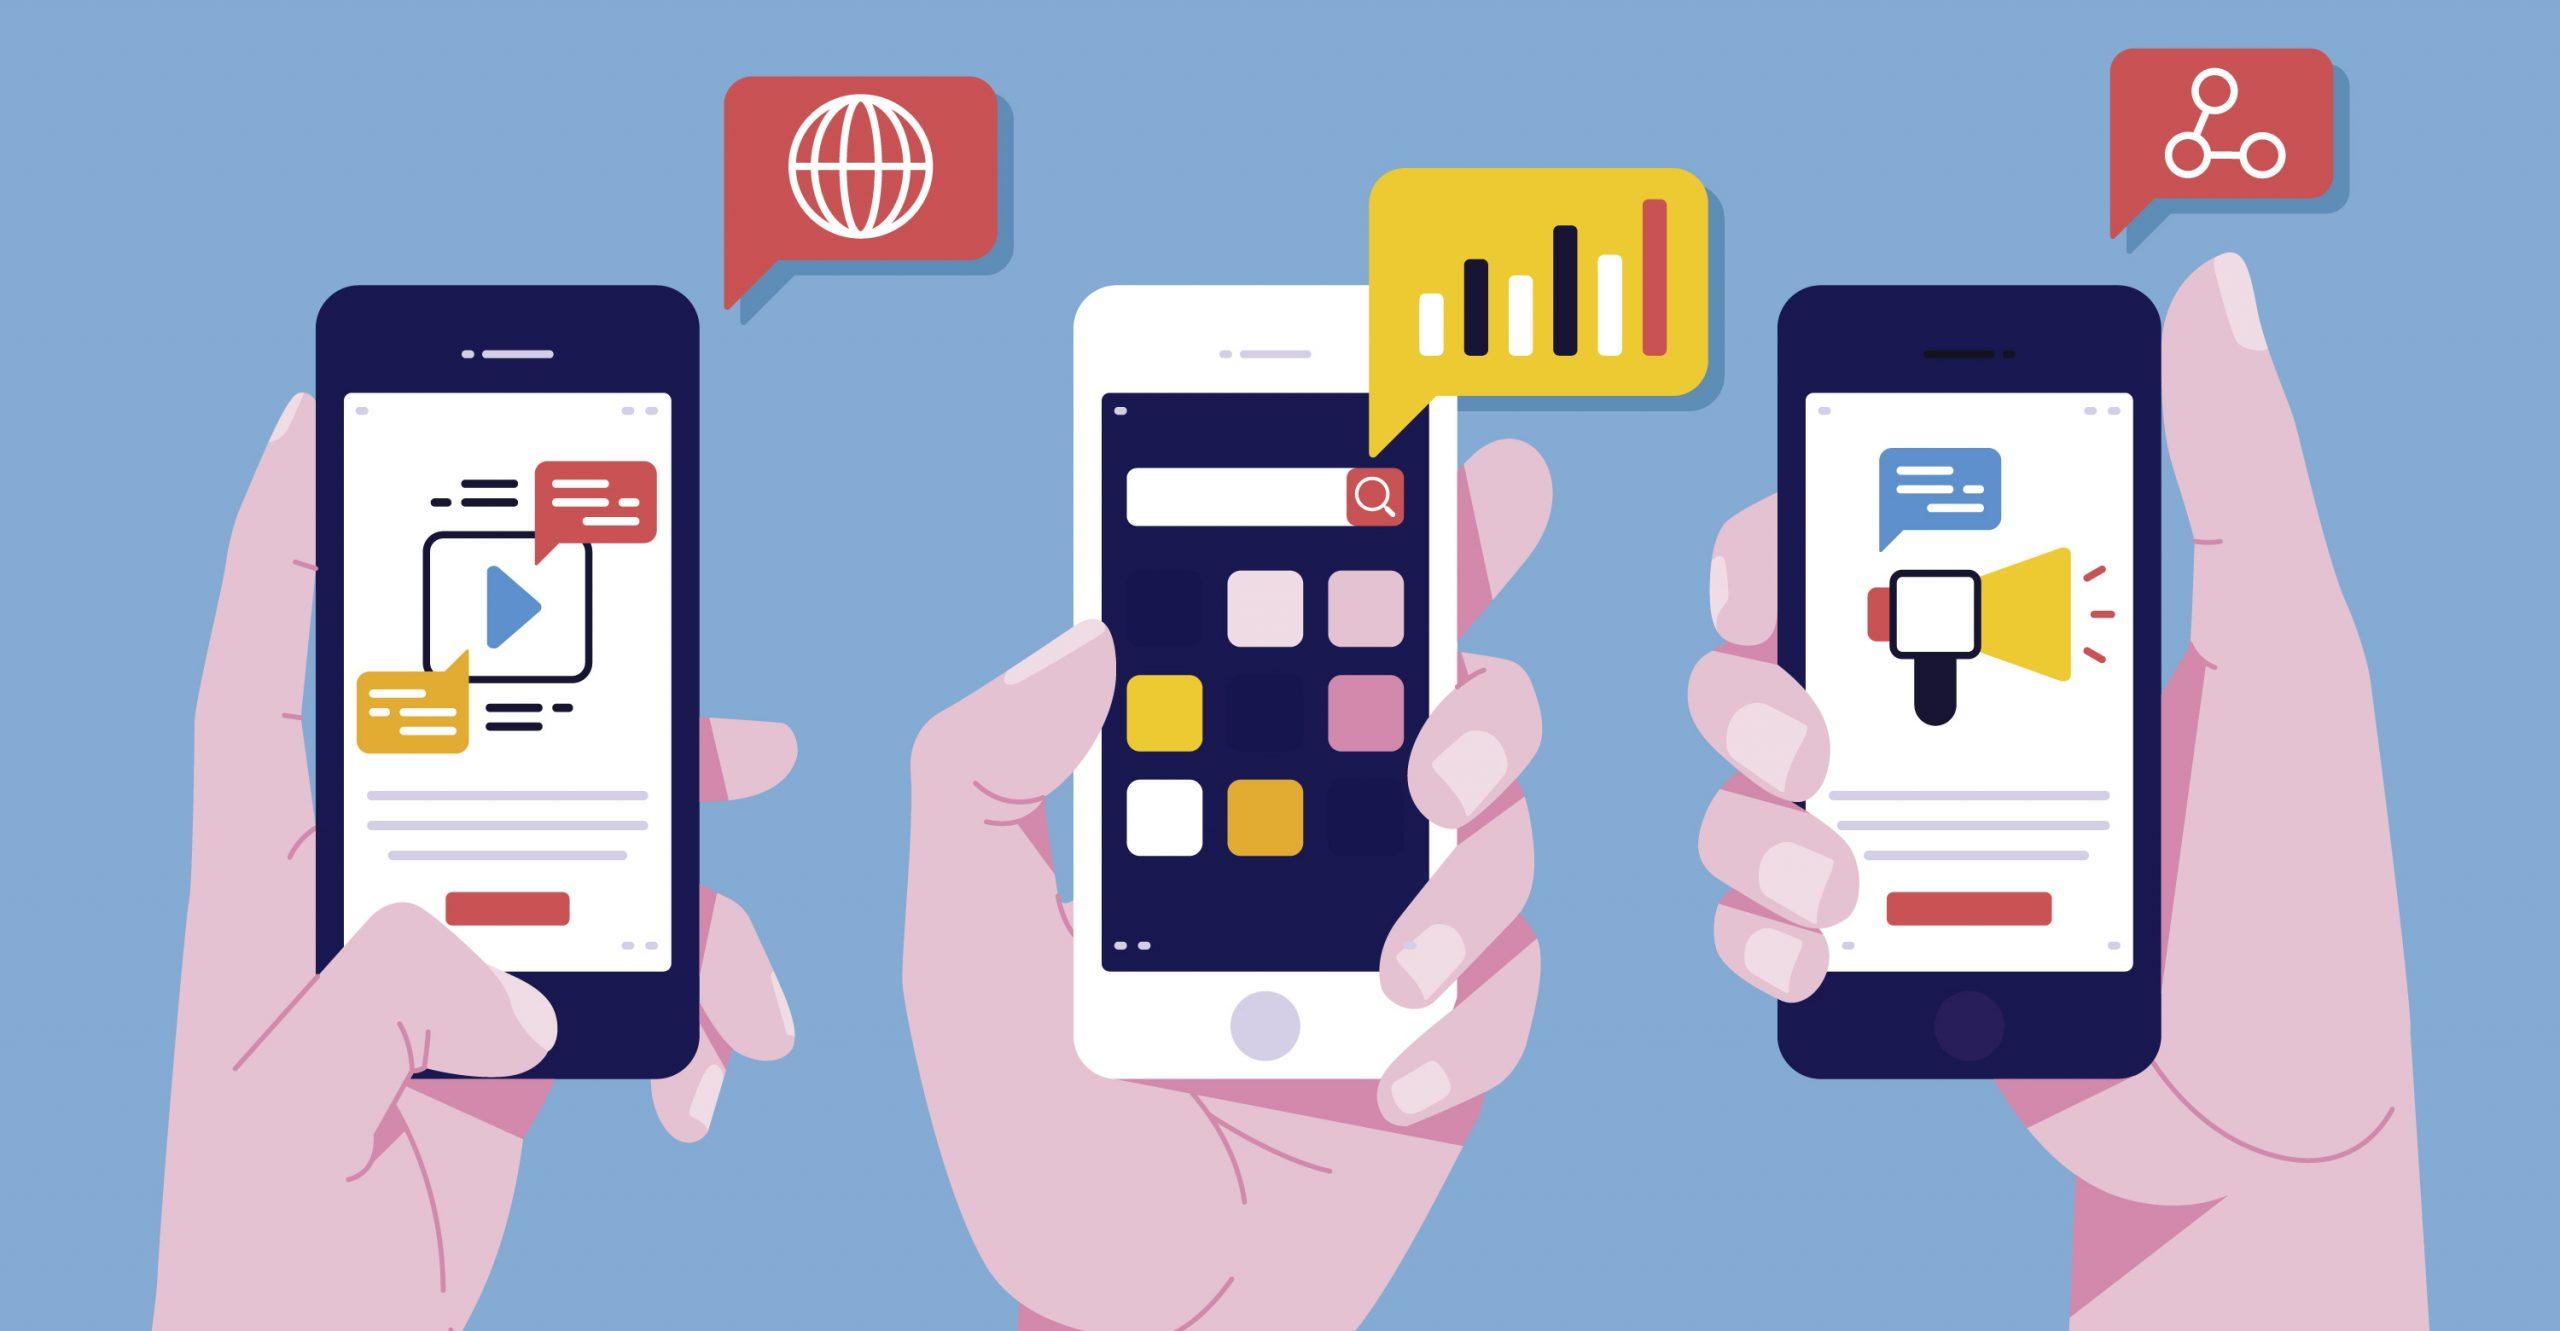 mídias sociais via smartphones